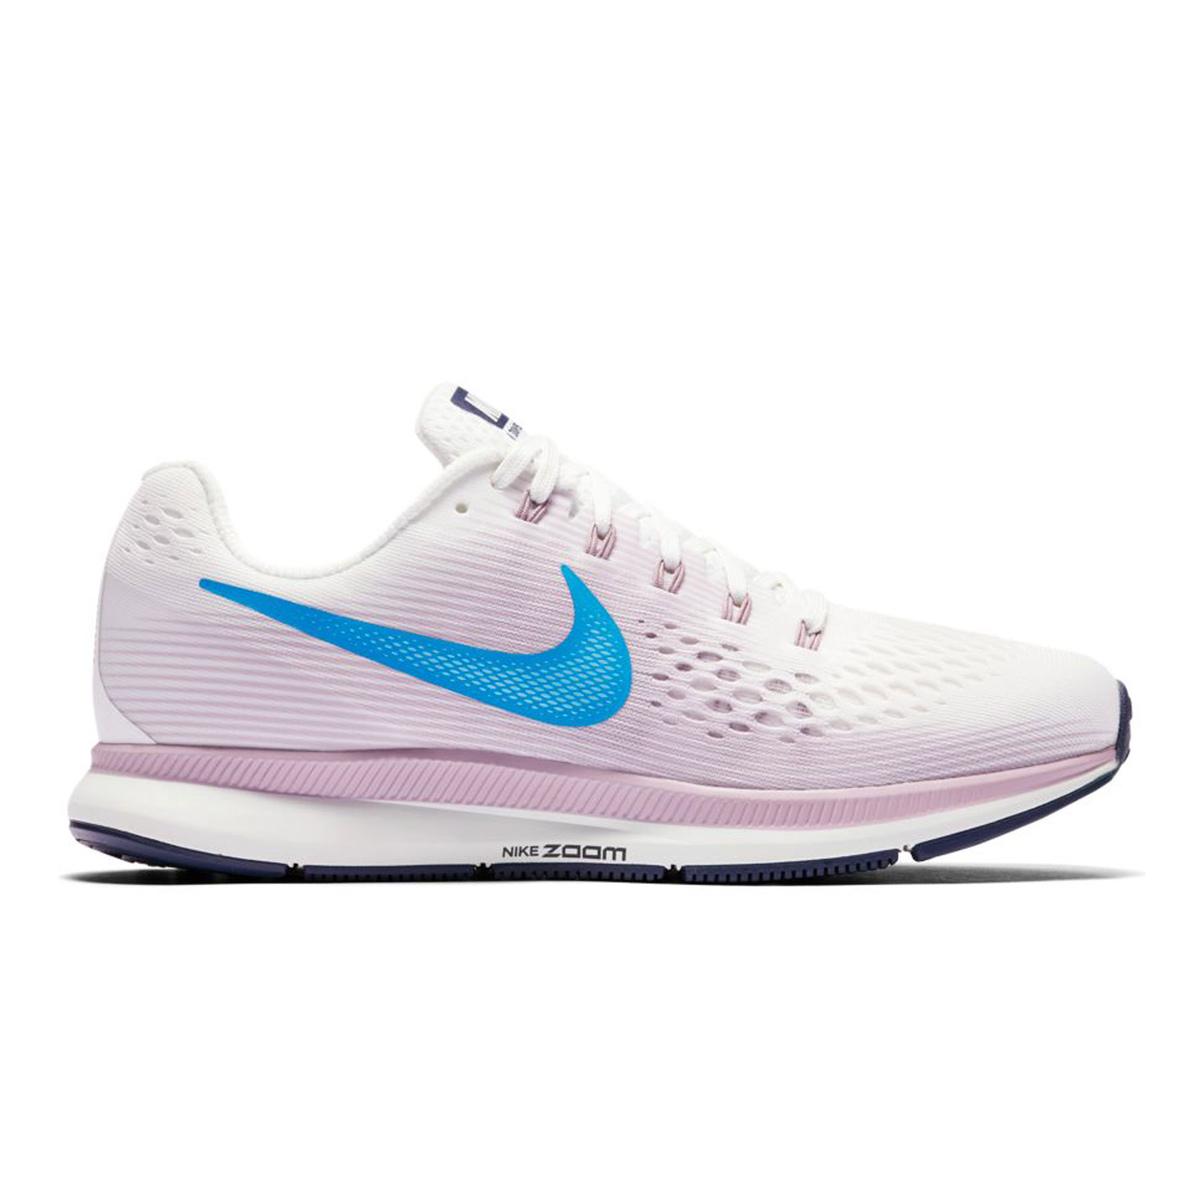 Prezzi delle Nike Air Zoom Pegasus 34 economiche - Offerte per ... a84396eb58a